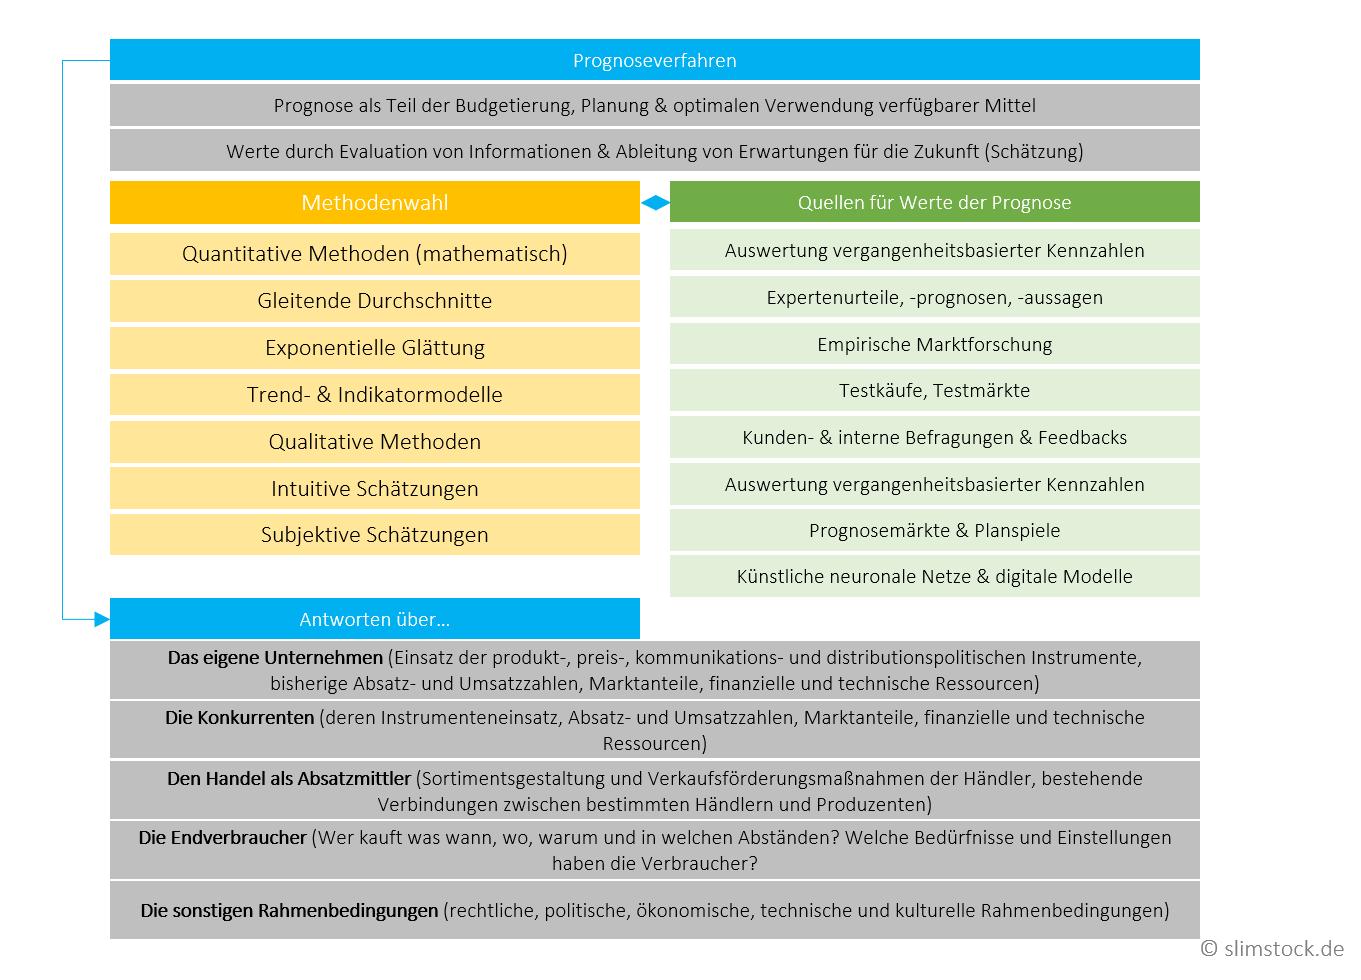 Prognoseverfahren in der Absatzplanung